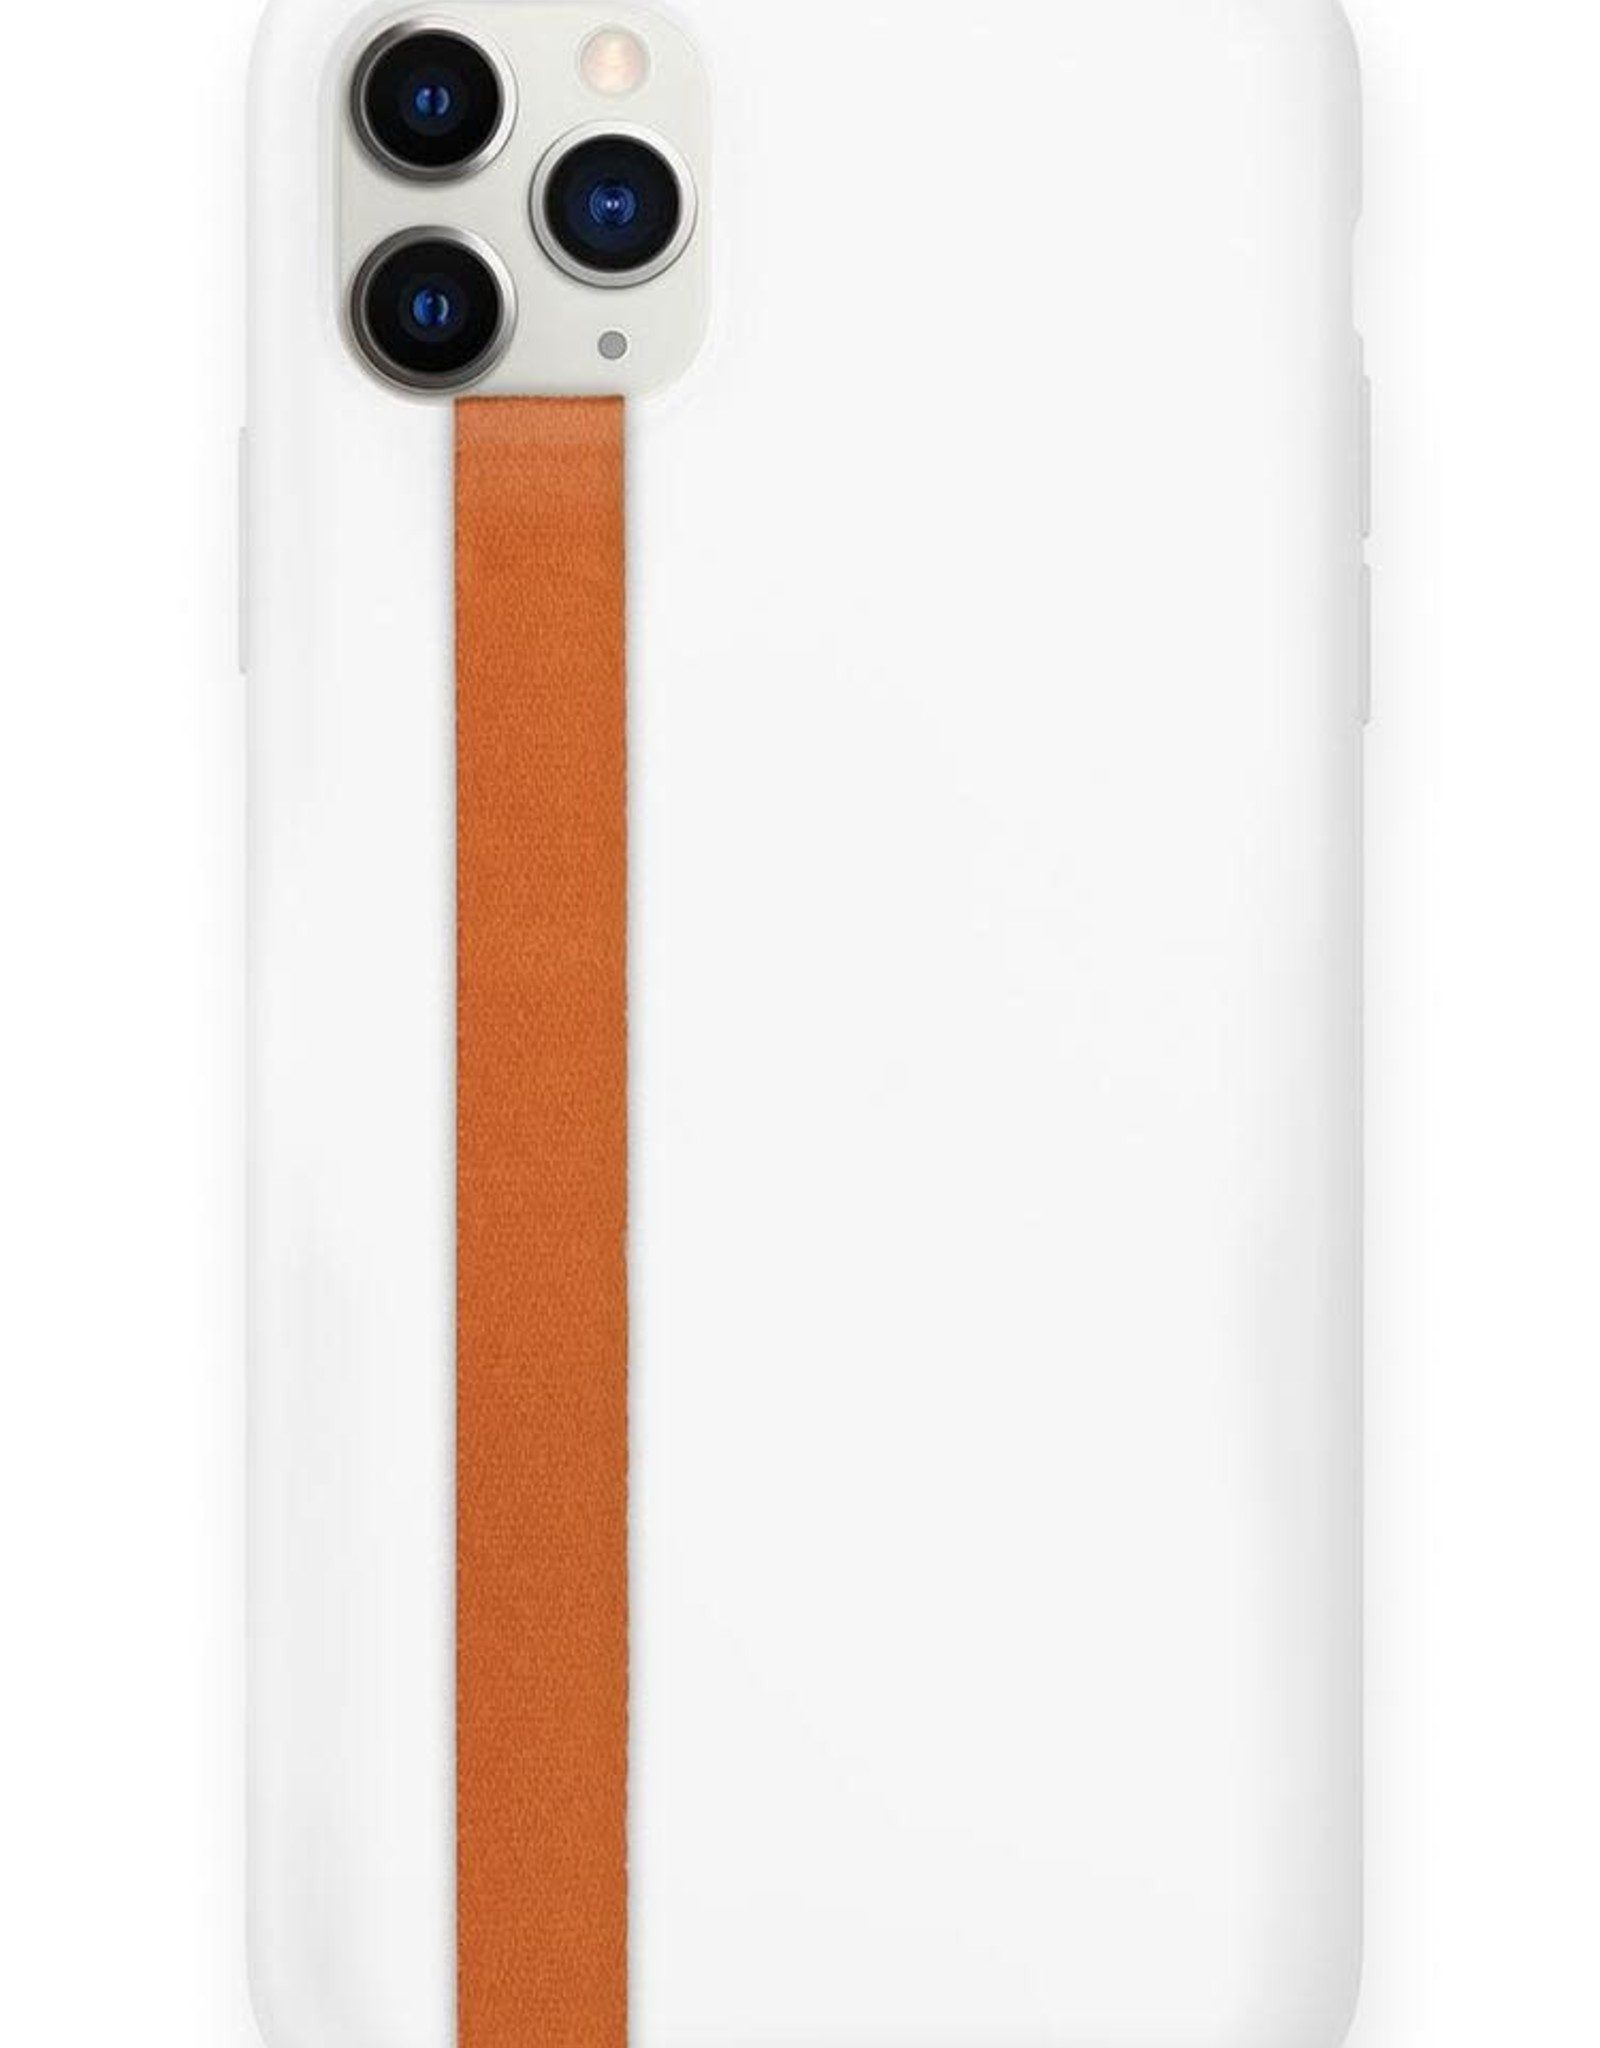 Sangle à cellulaire par Phone loops: Autumn